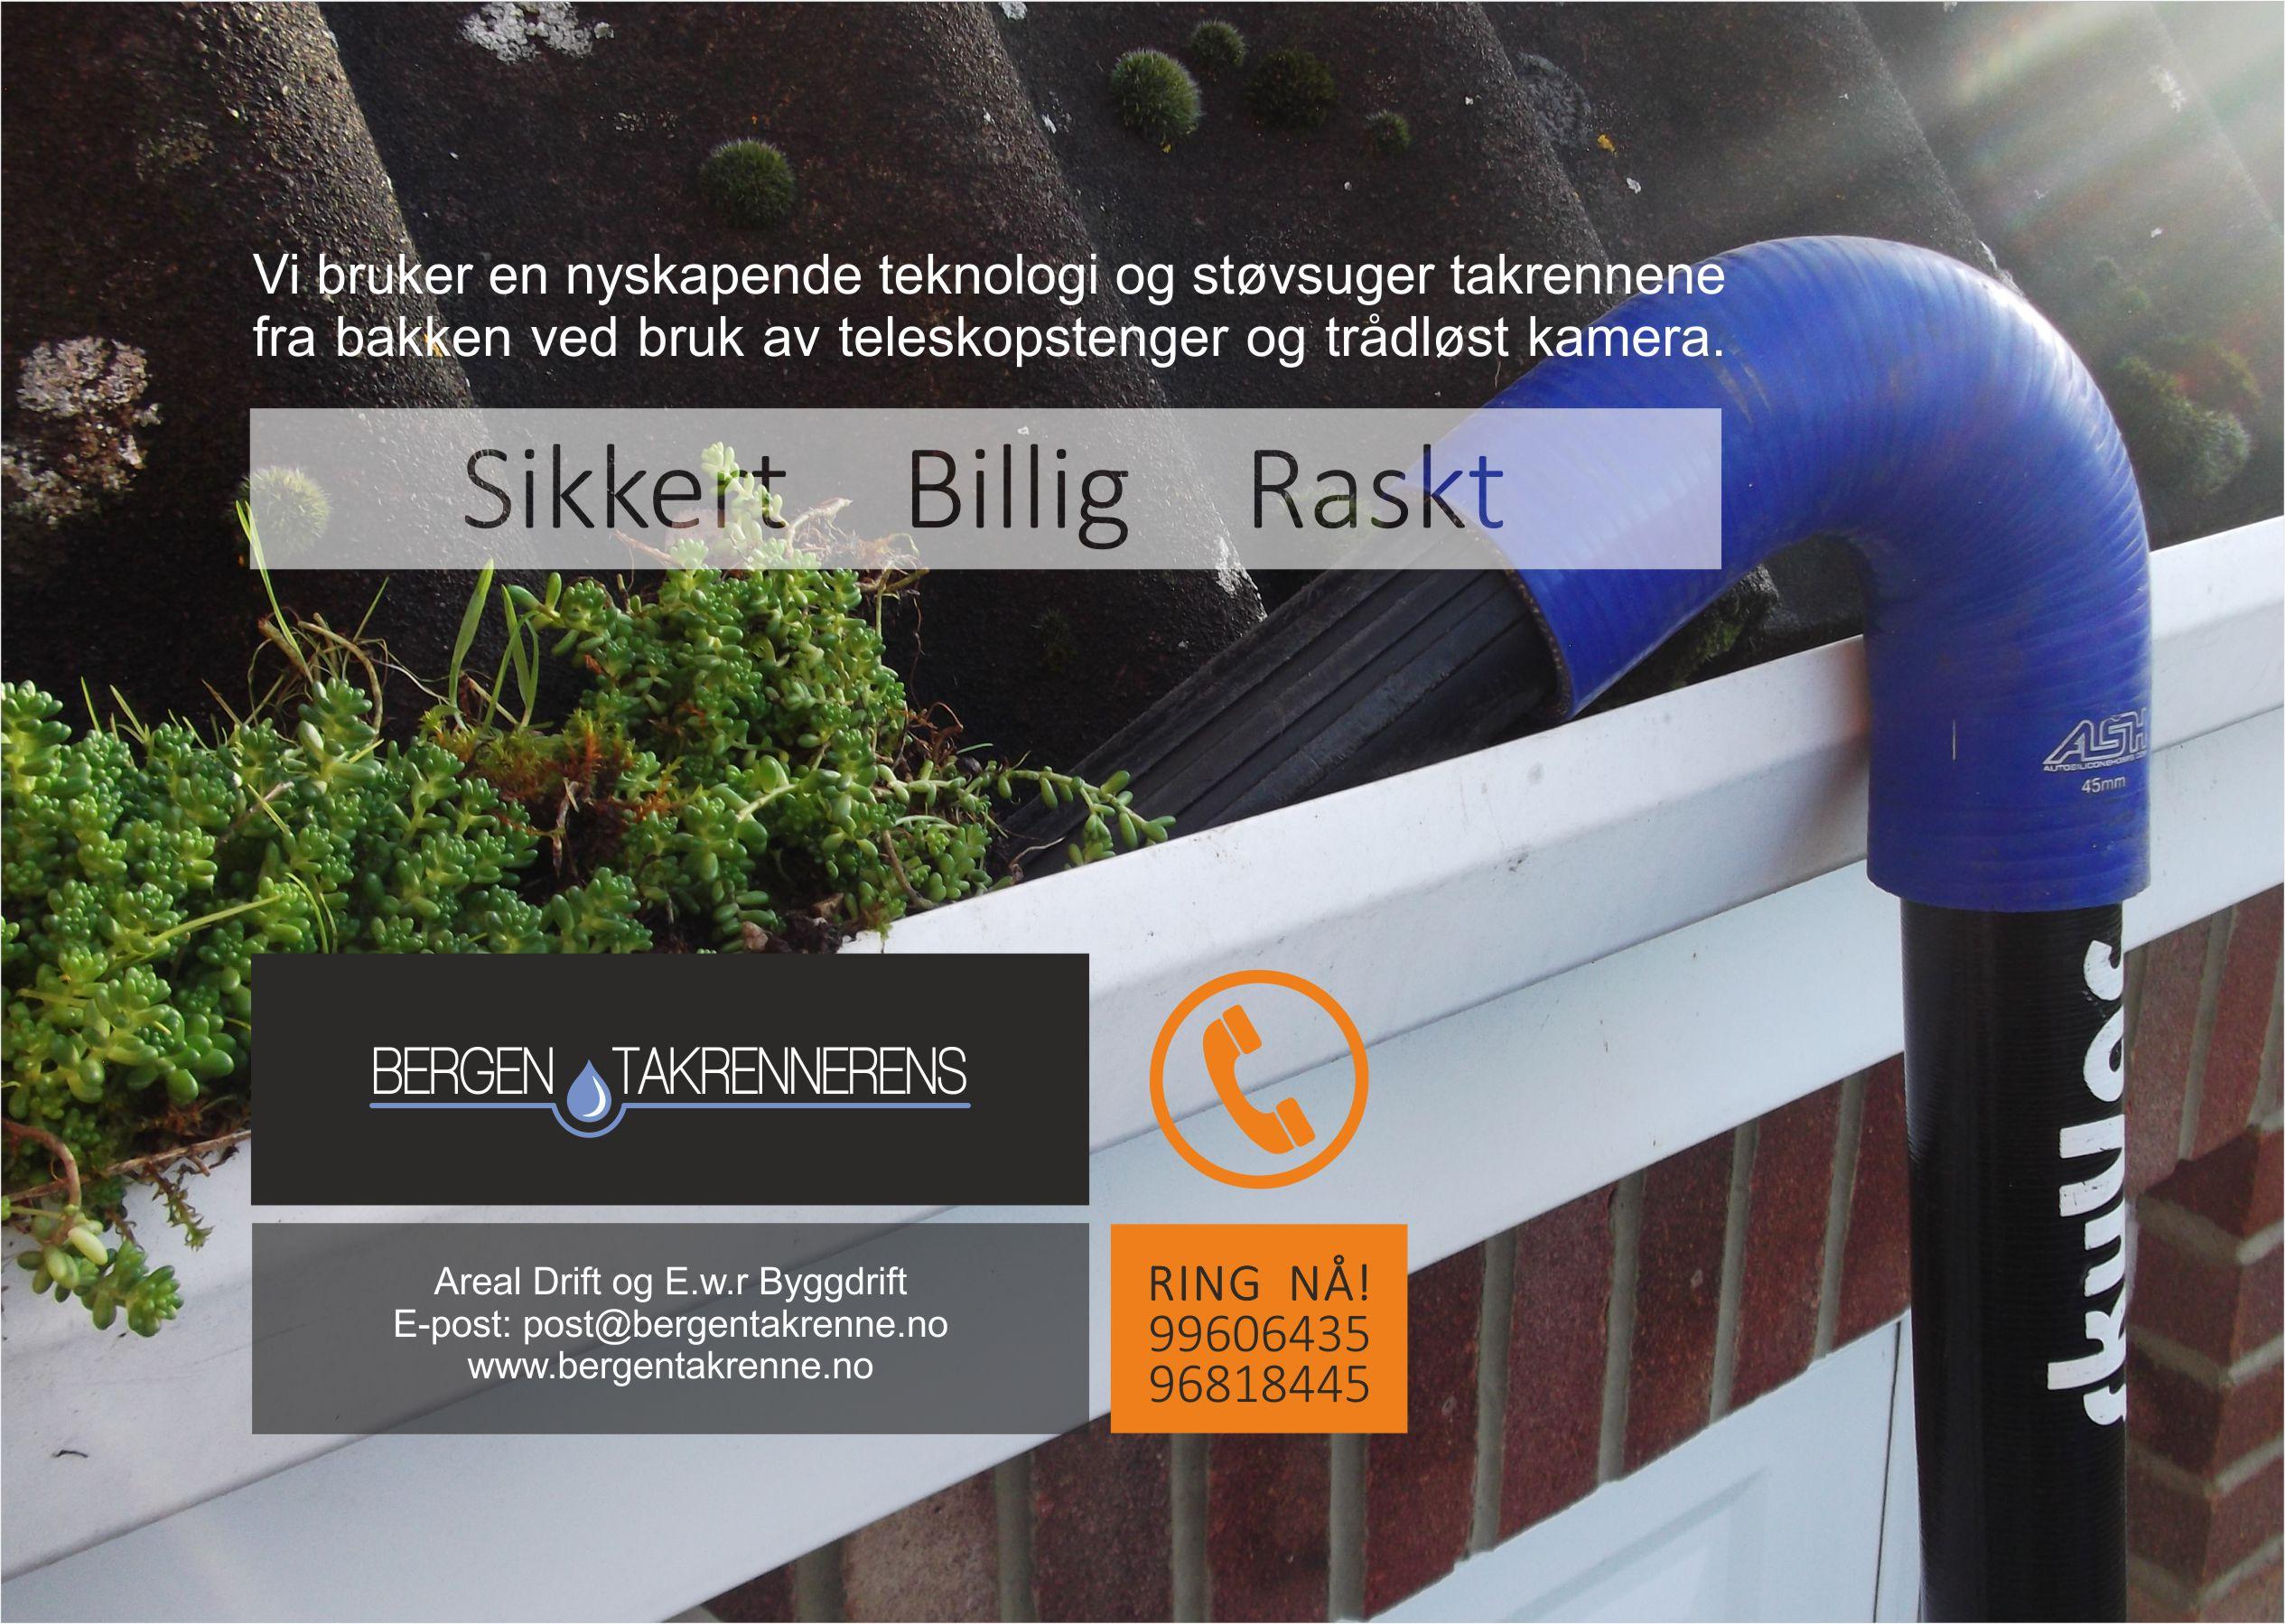 BergenTakrennerens_A51